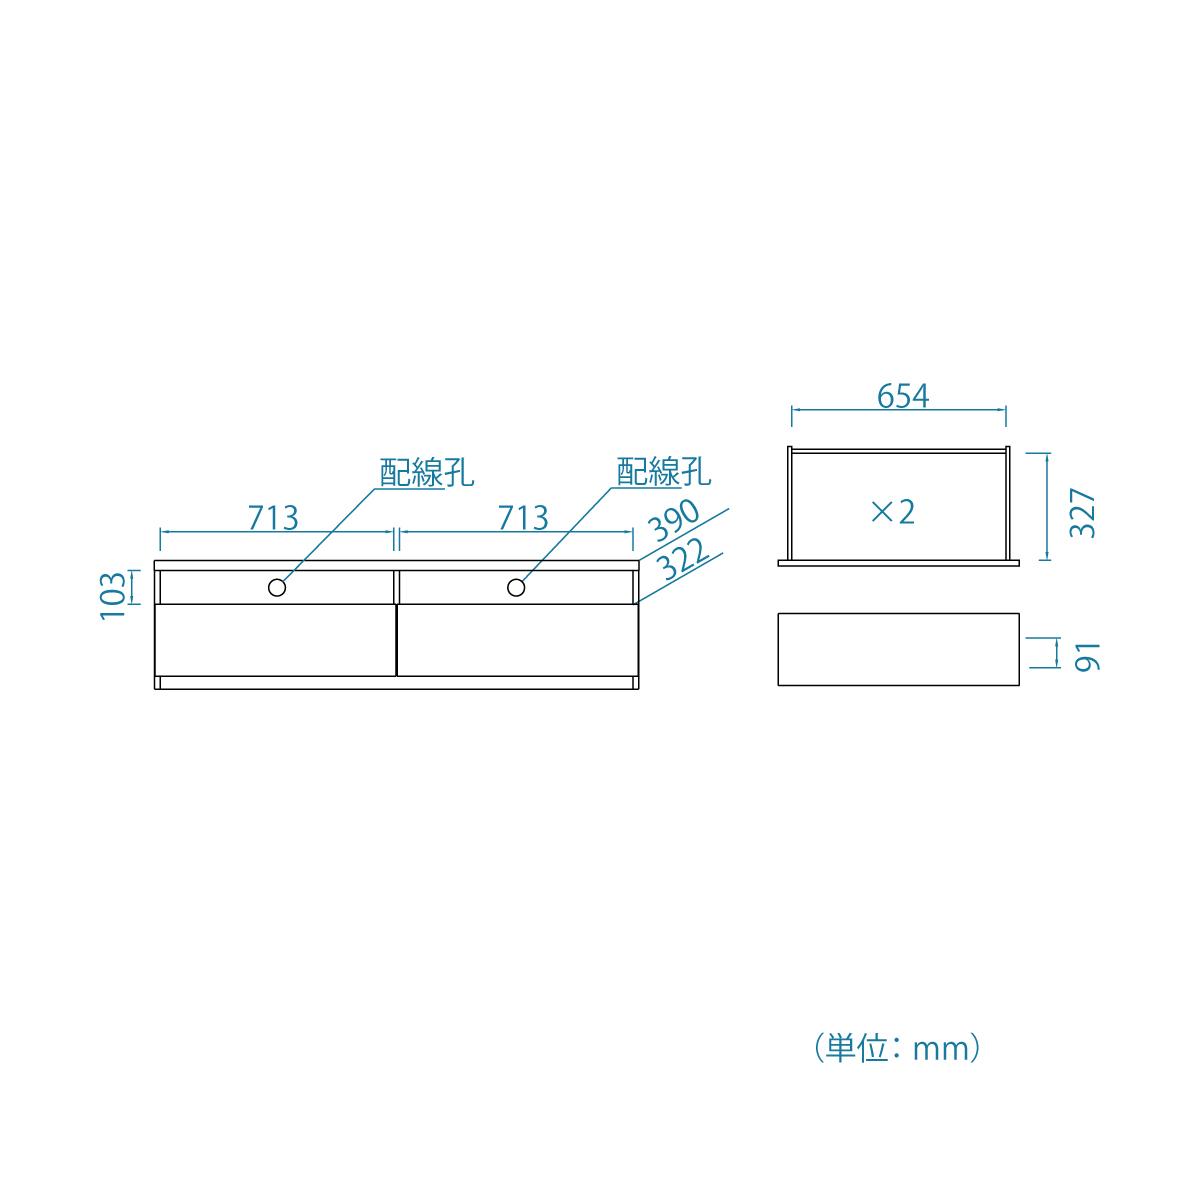 TL3-4015HNA 型図